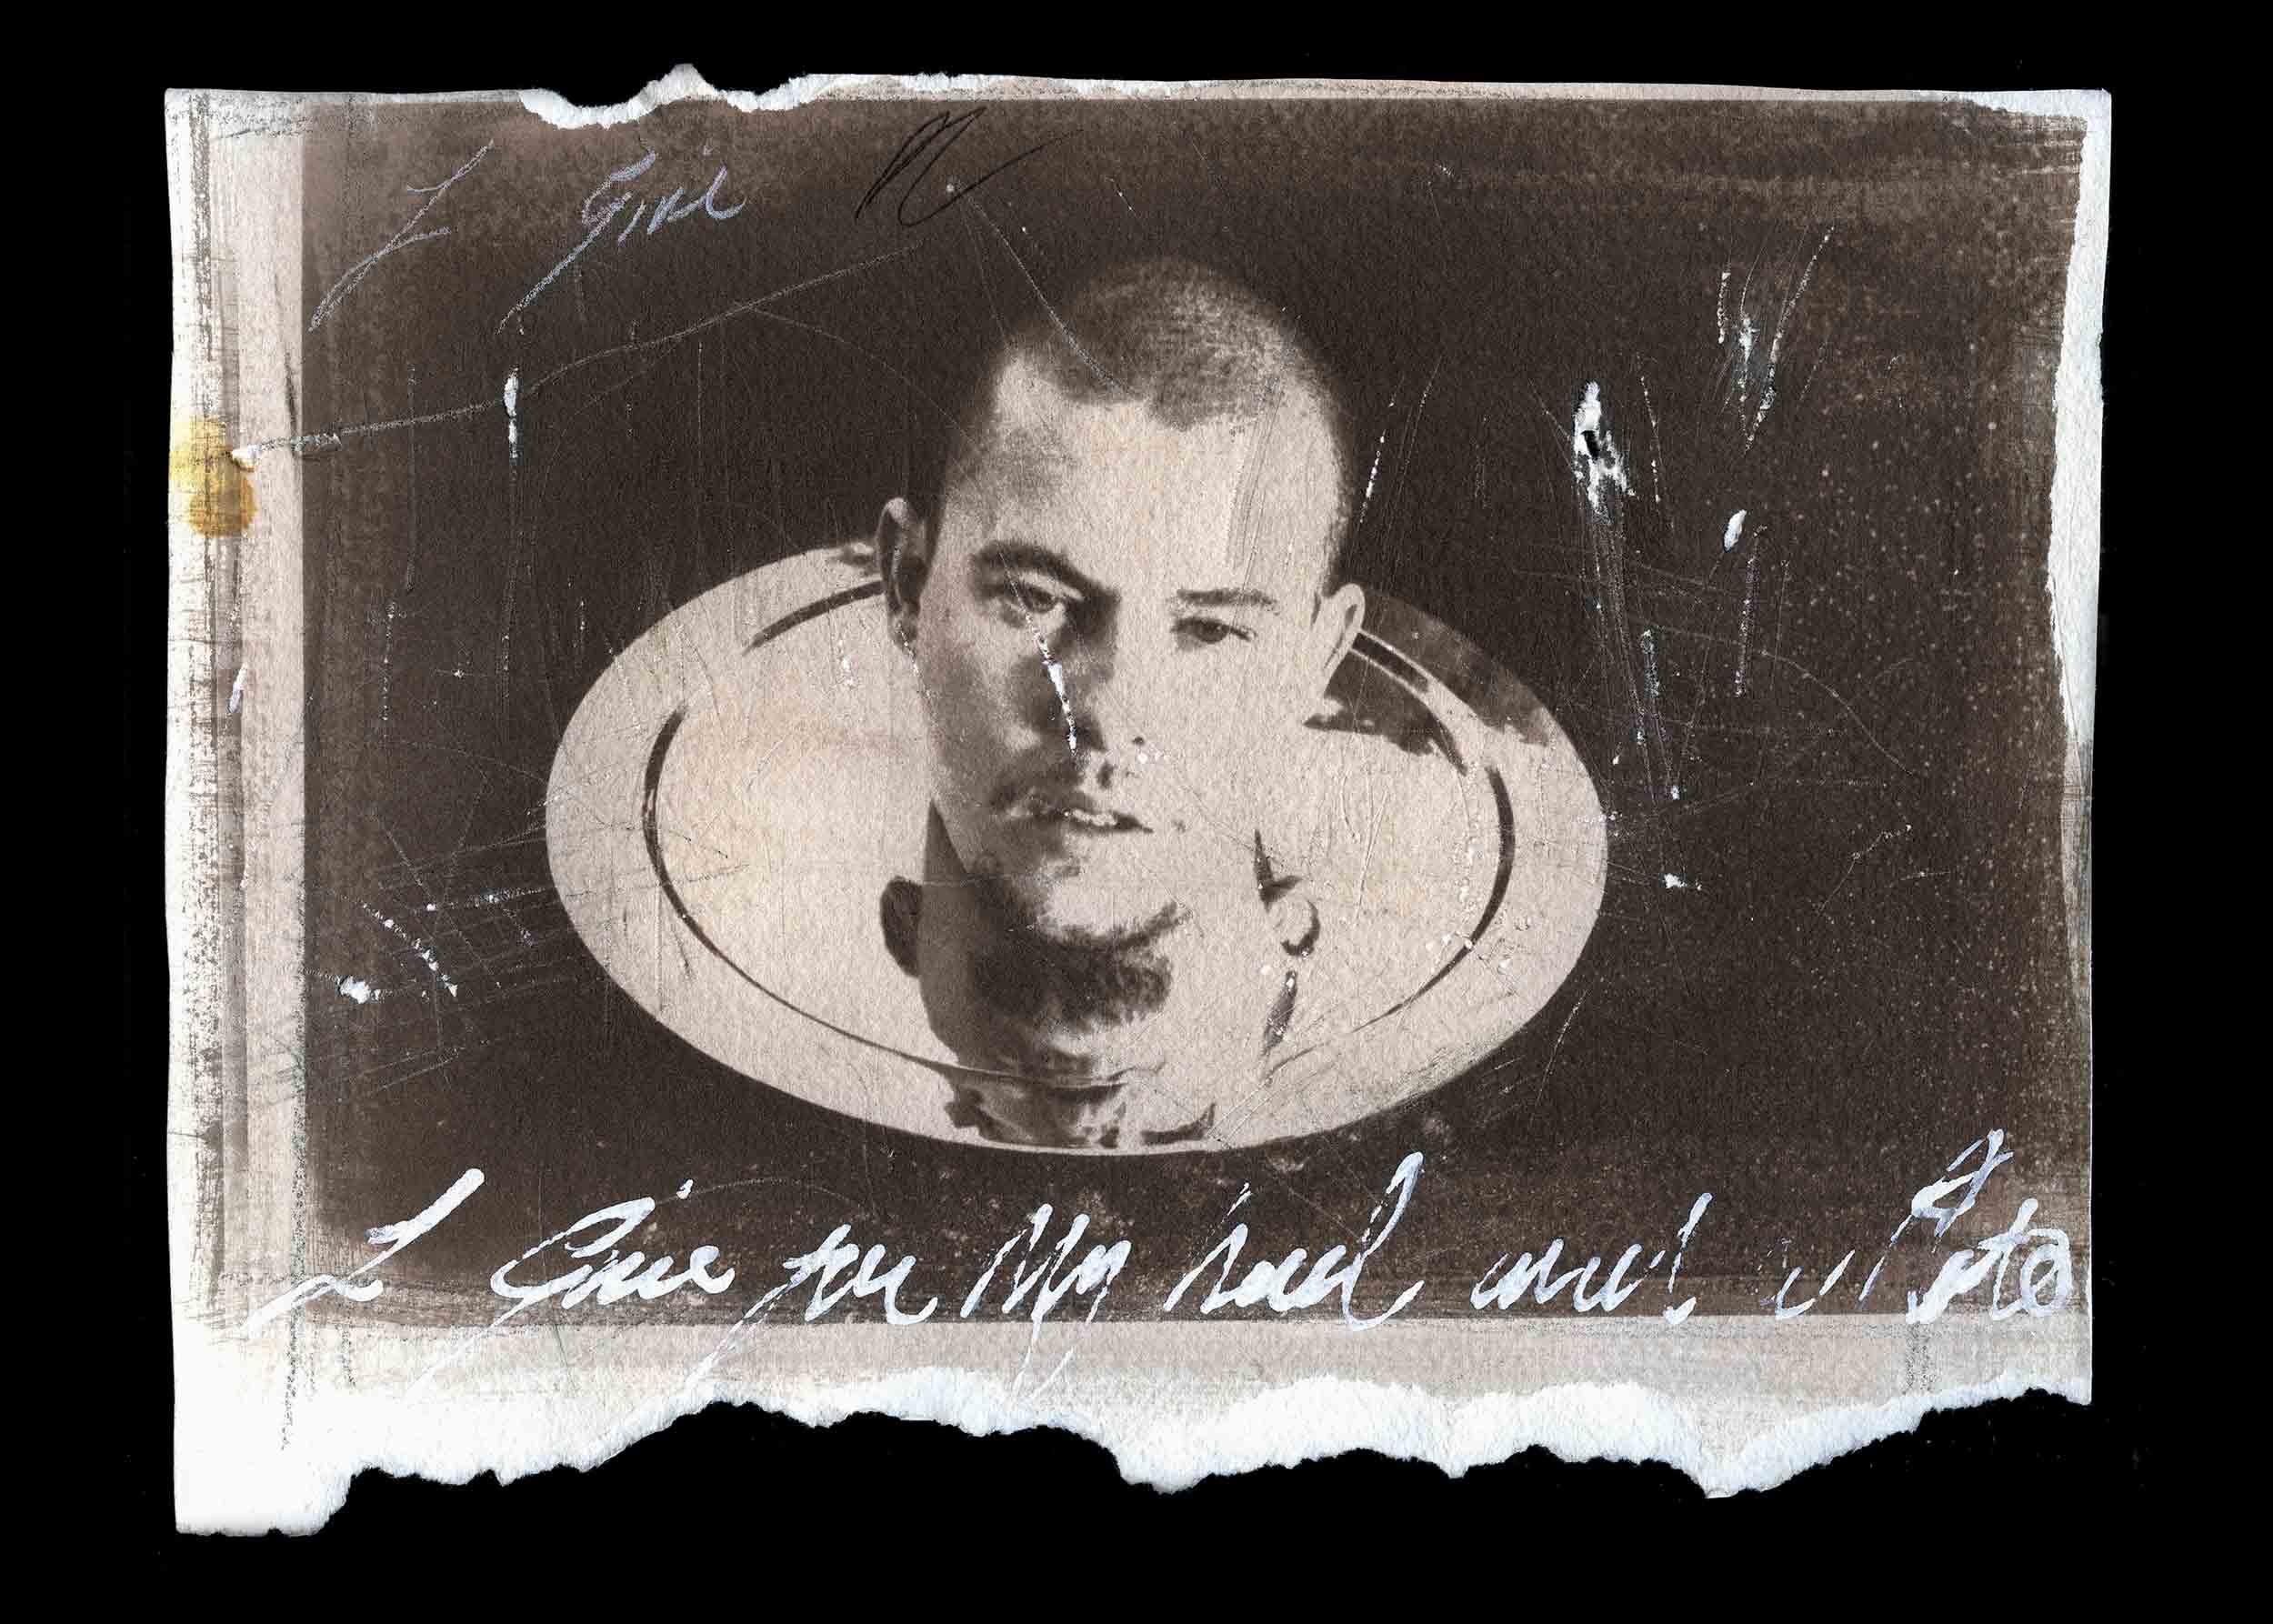 安·雷,《我给你我的灵魂》。图片由艺术家提供。